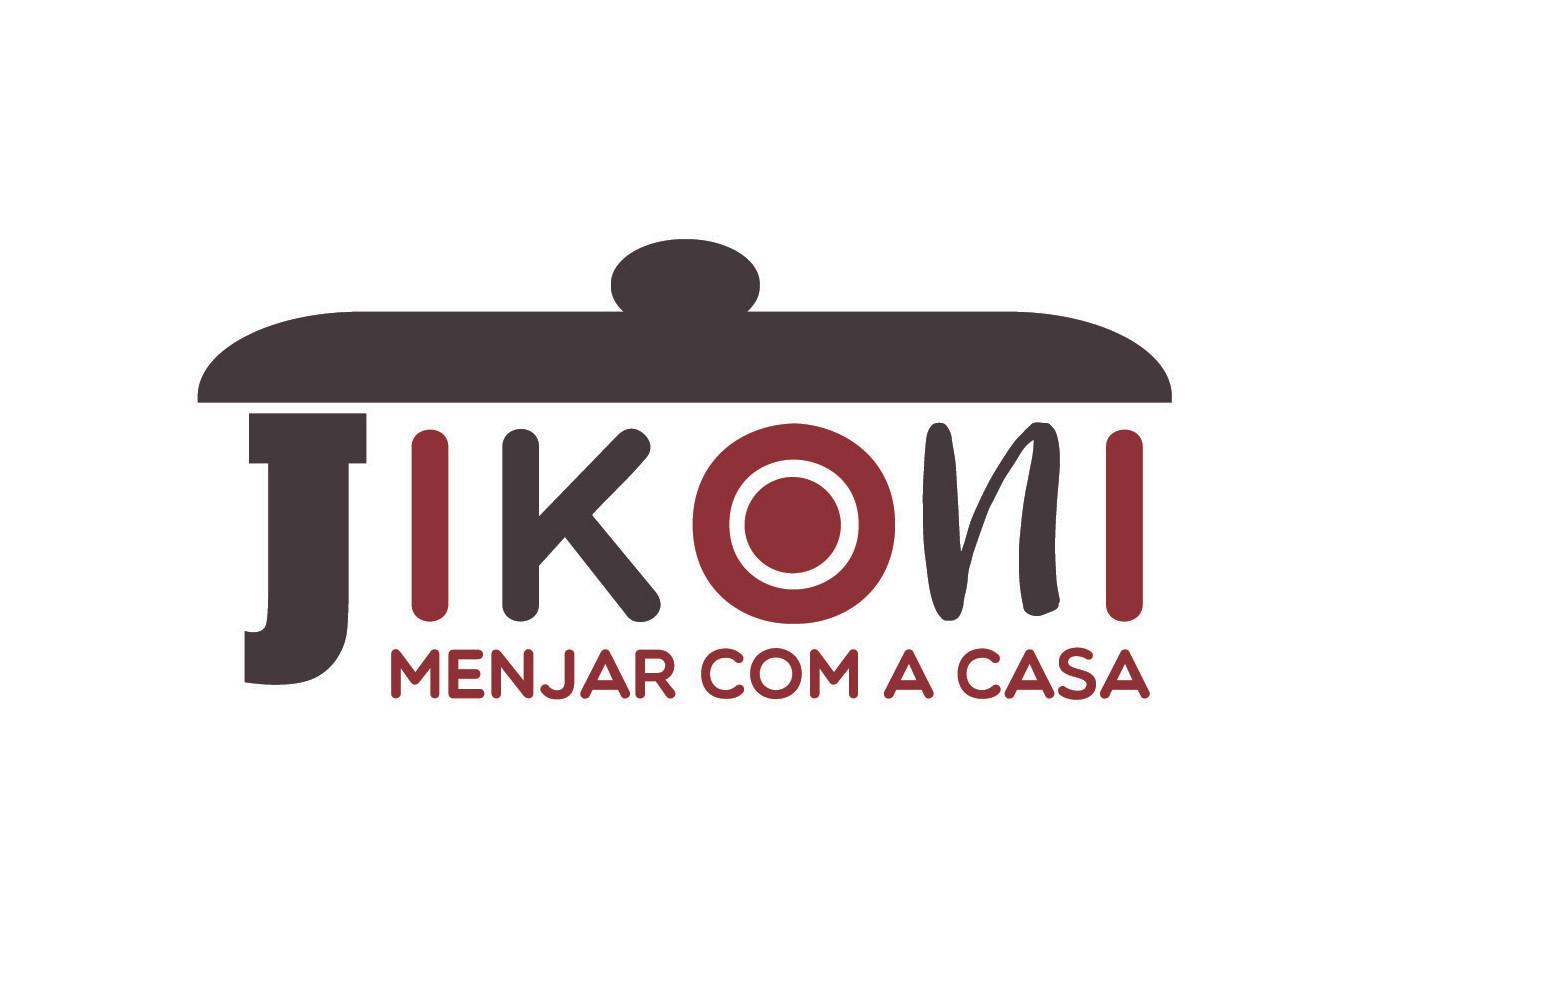 Logo comercial JIKONI.jpg